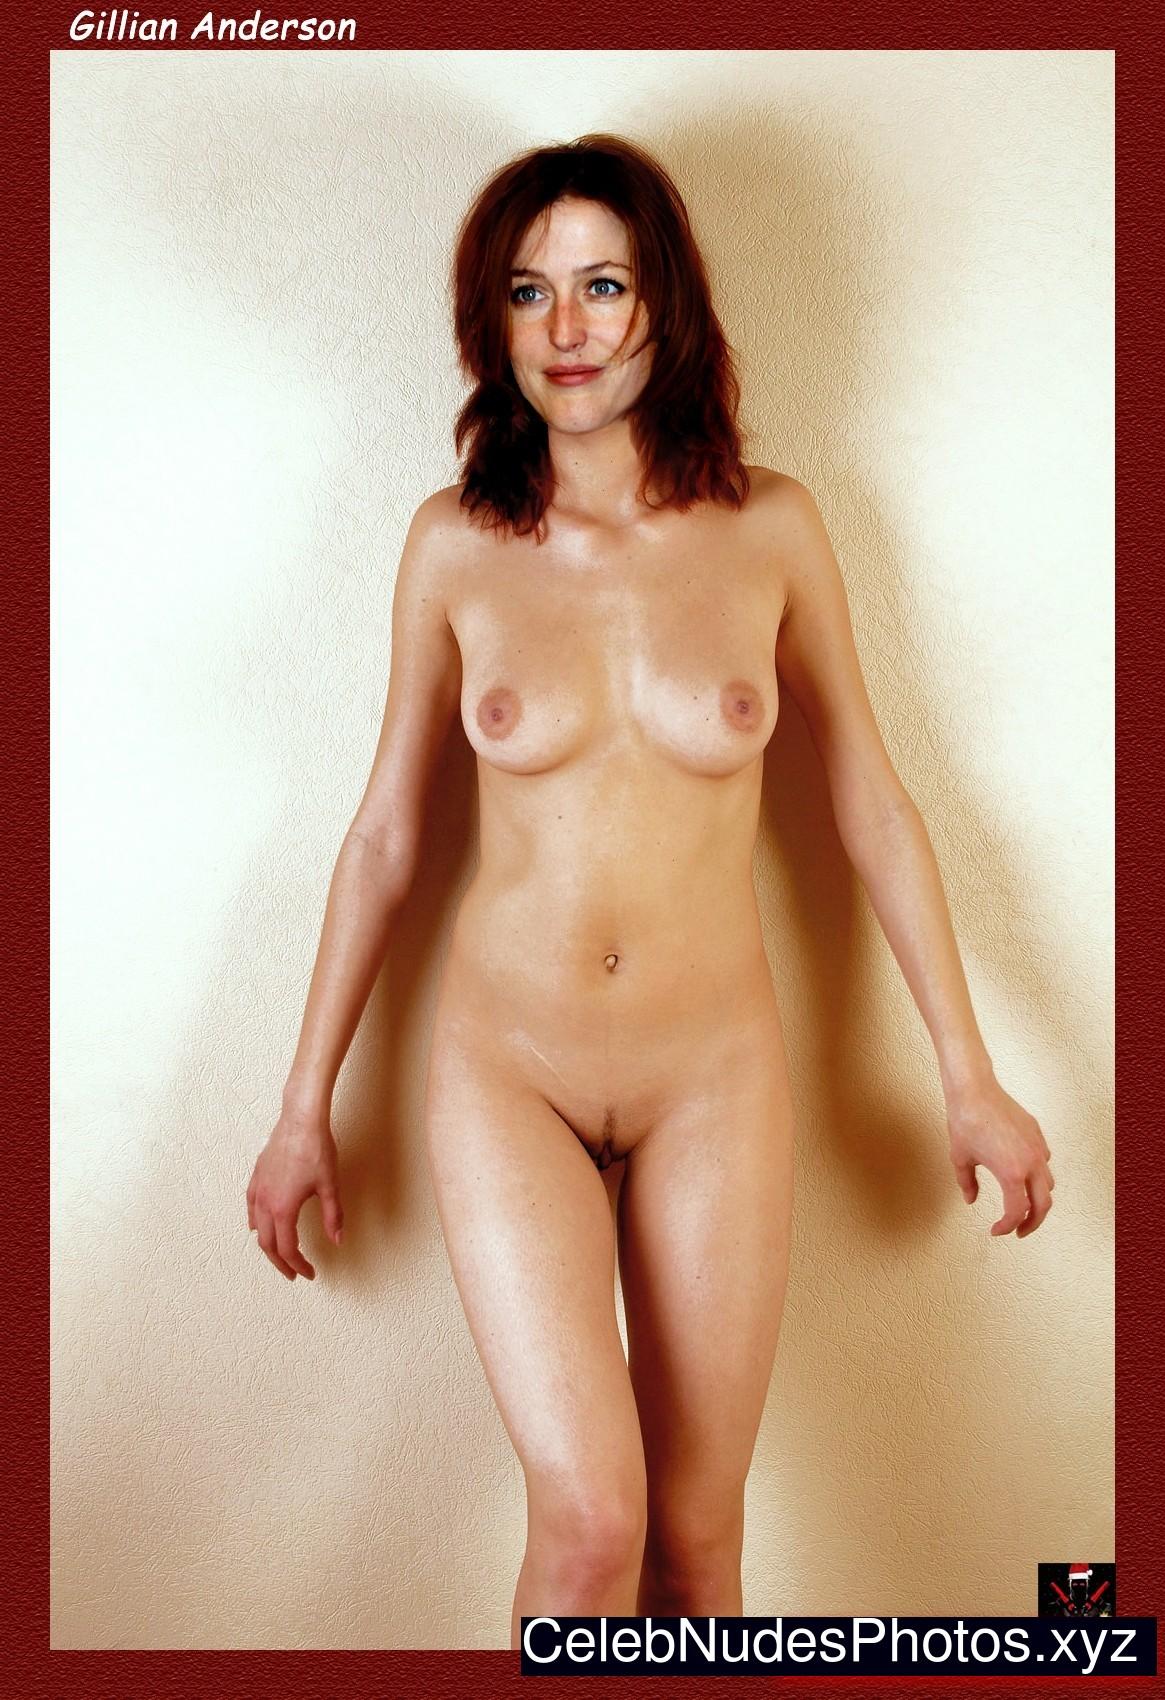 Porn fake gillian anderson nude